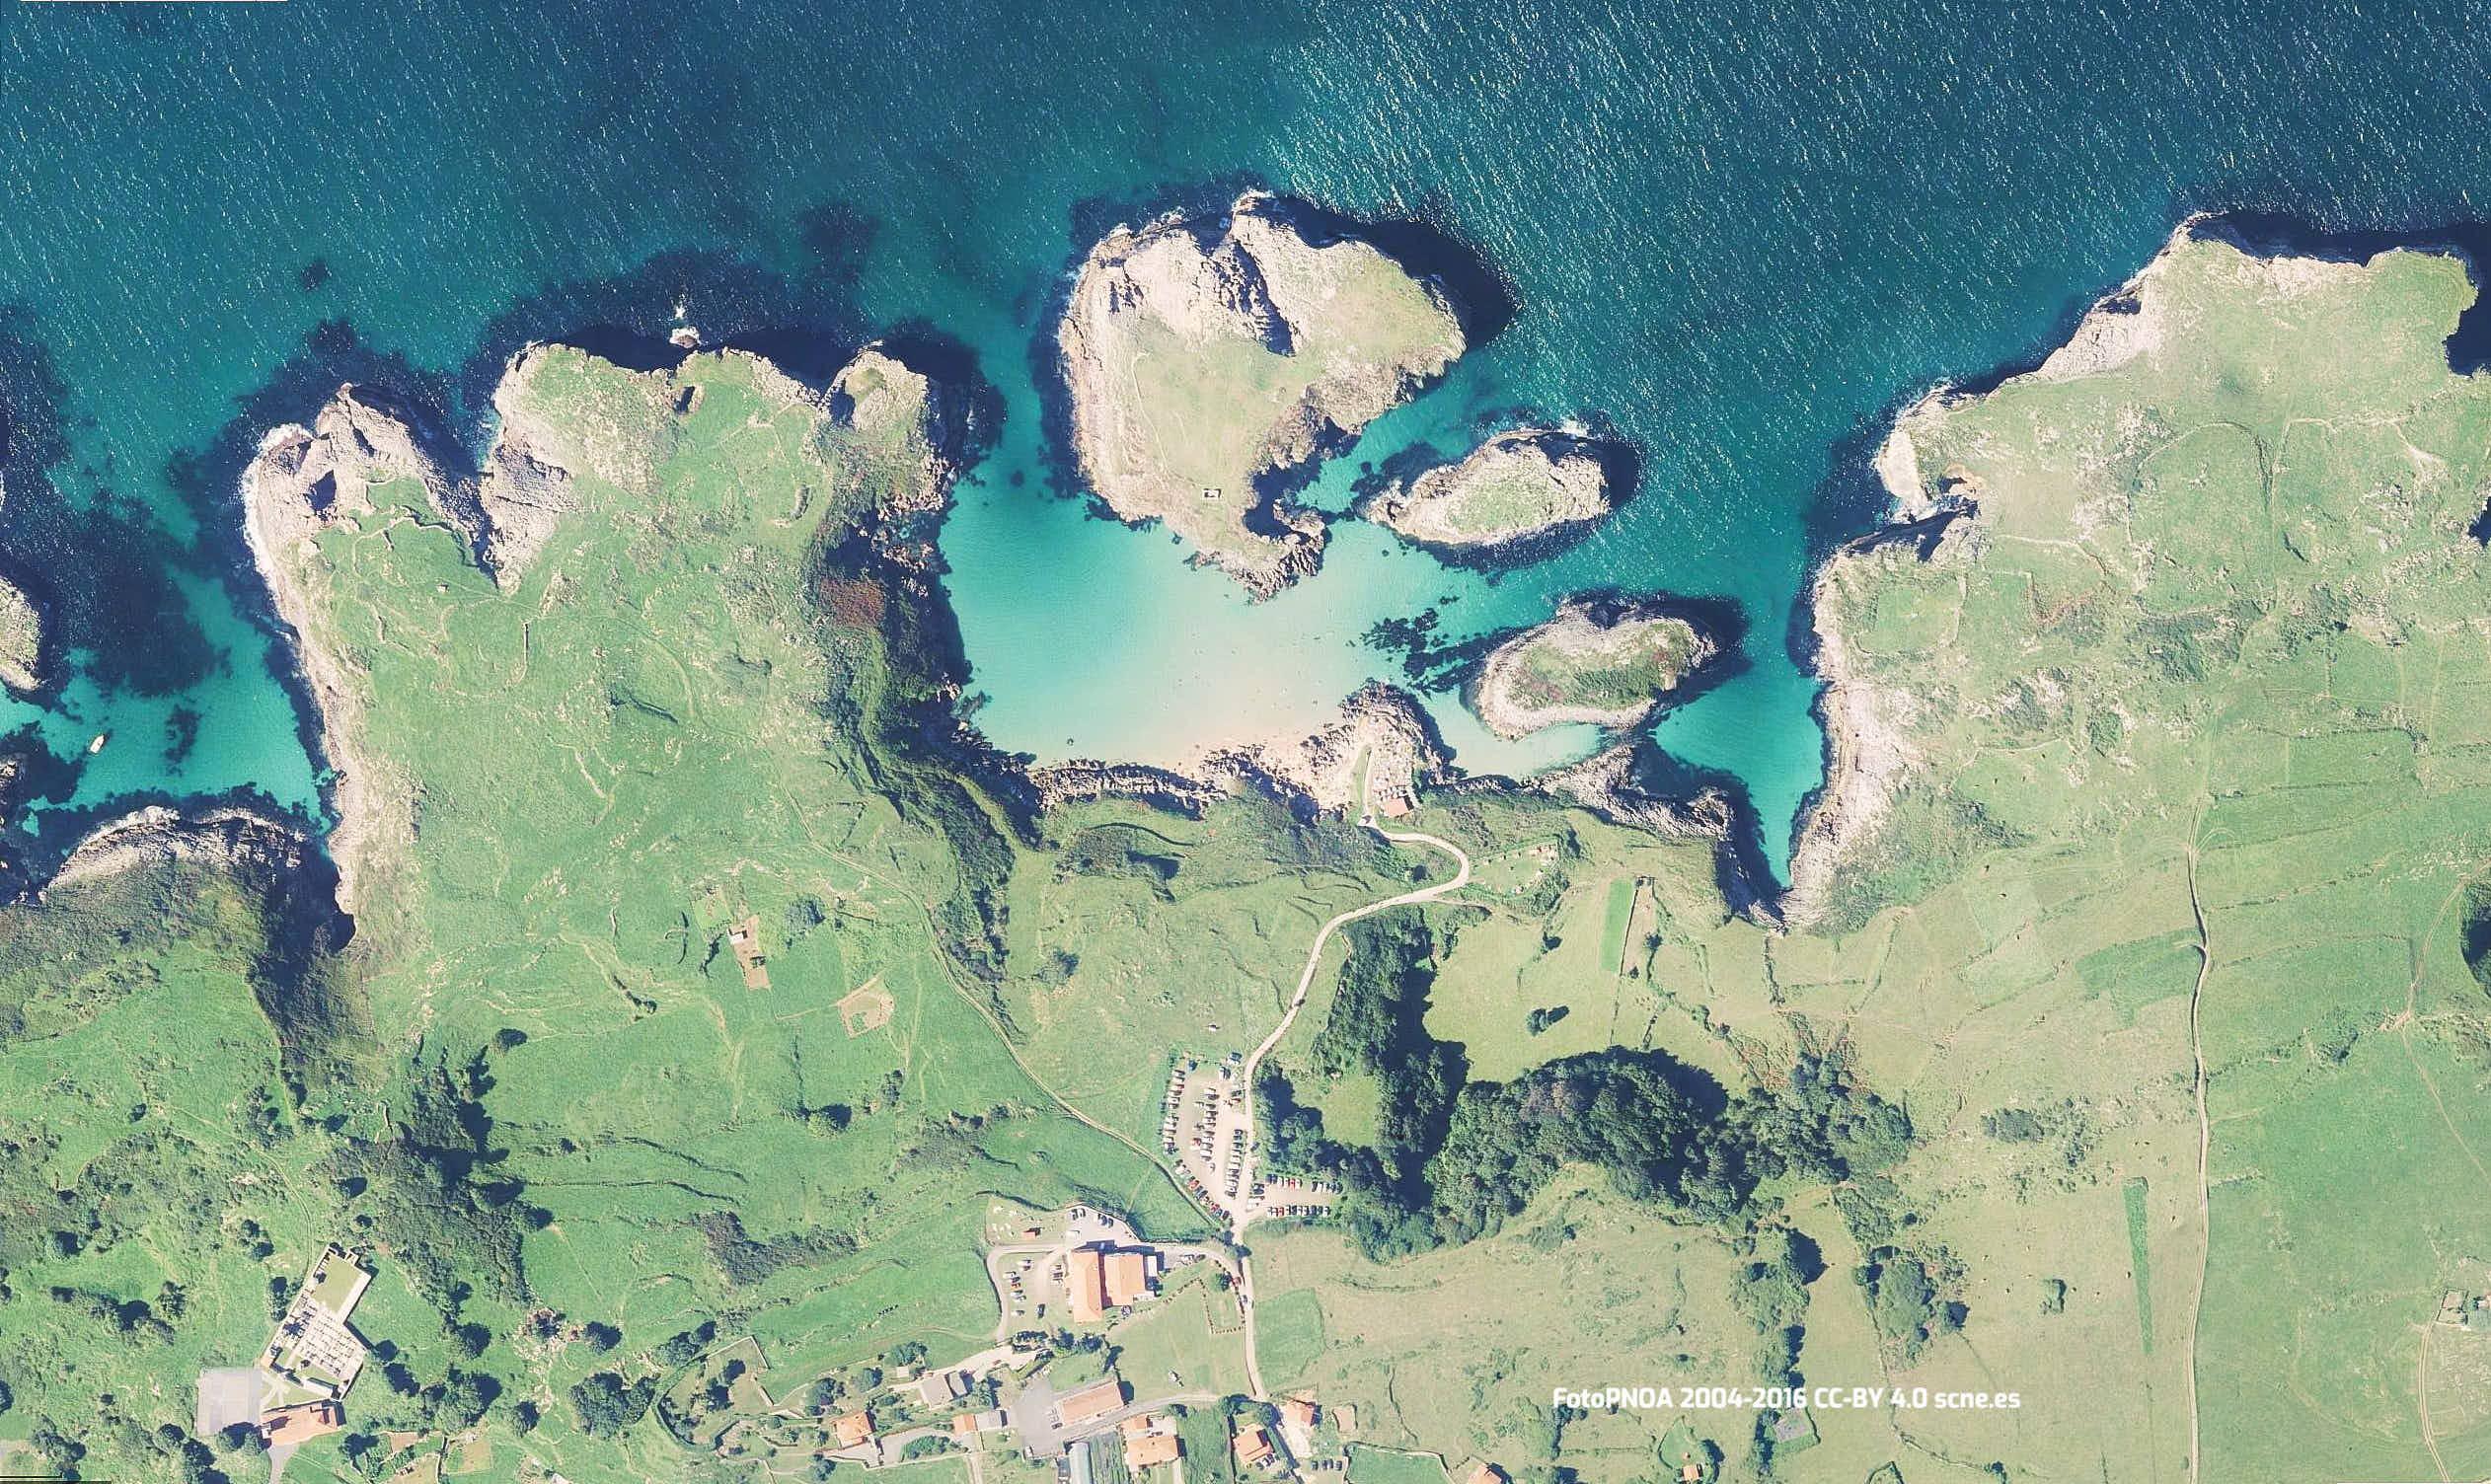 Vista aerea de la playa de Cue en Llanes, Asturias